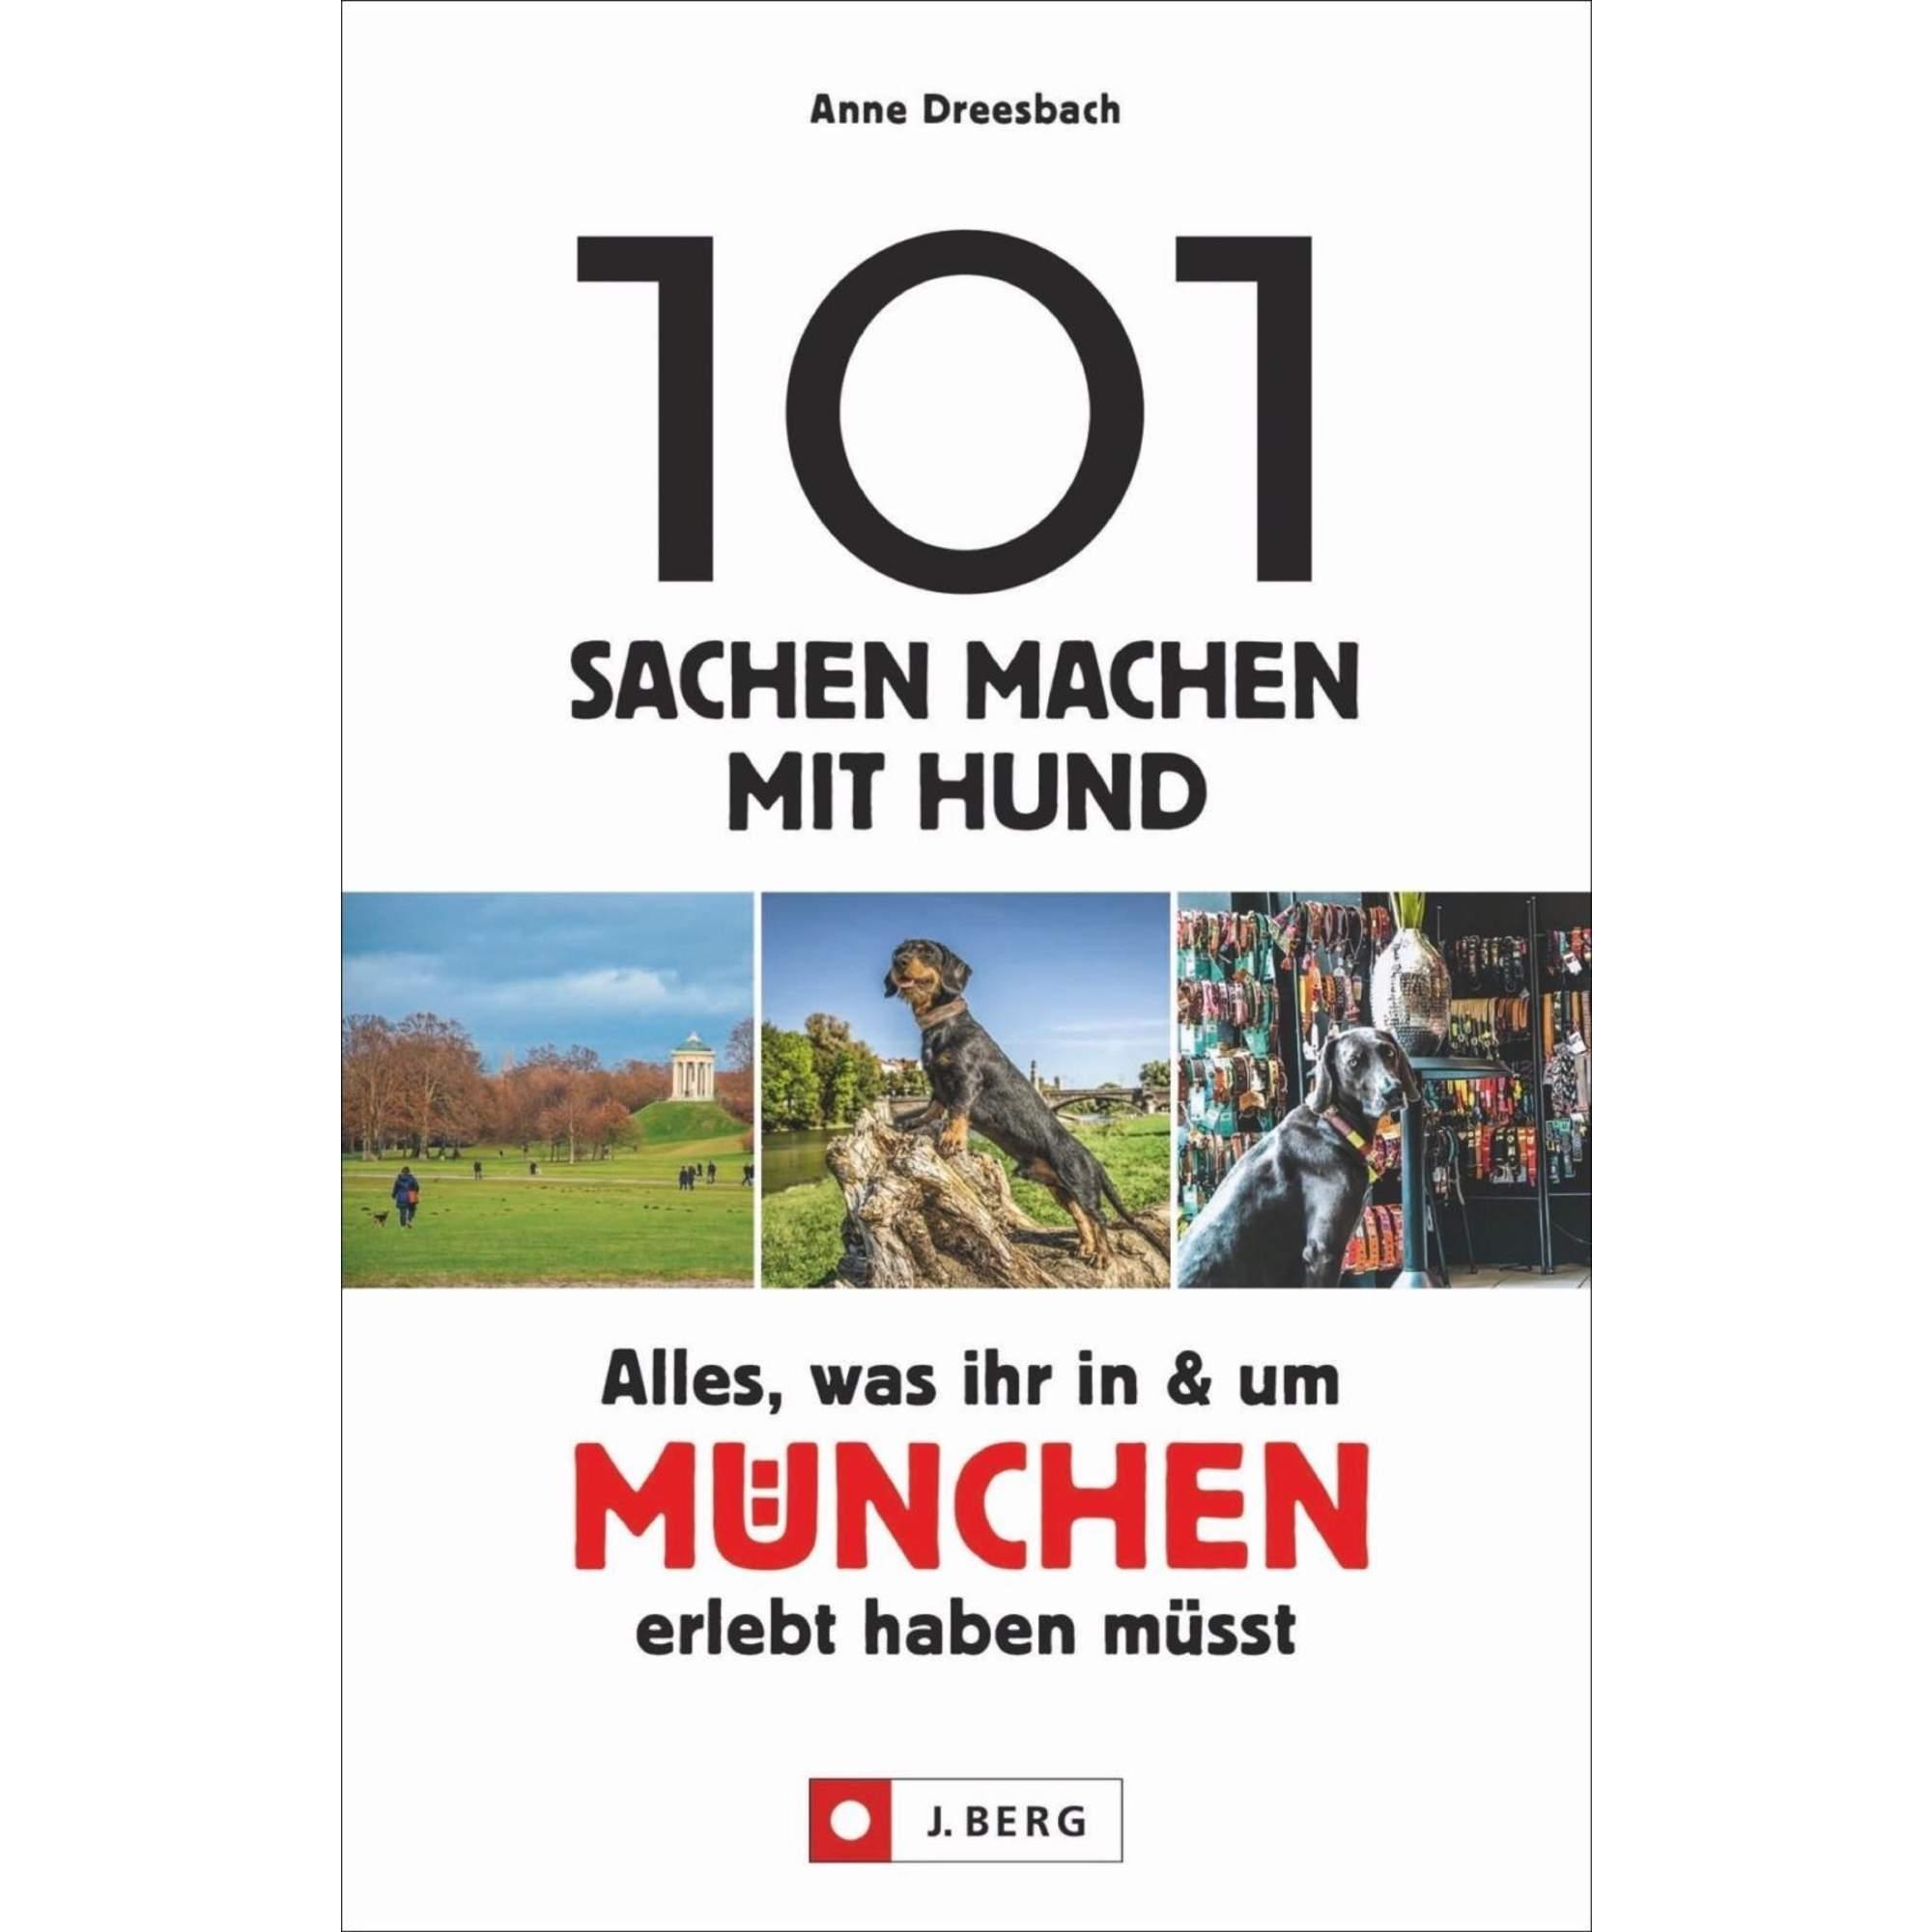 101 Sachen machen mit Hund - Alles, was ihr in & um München erlebt haben müsst, 15,99 Euro